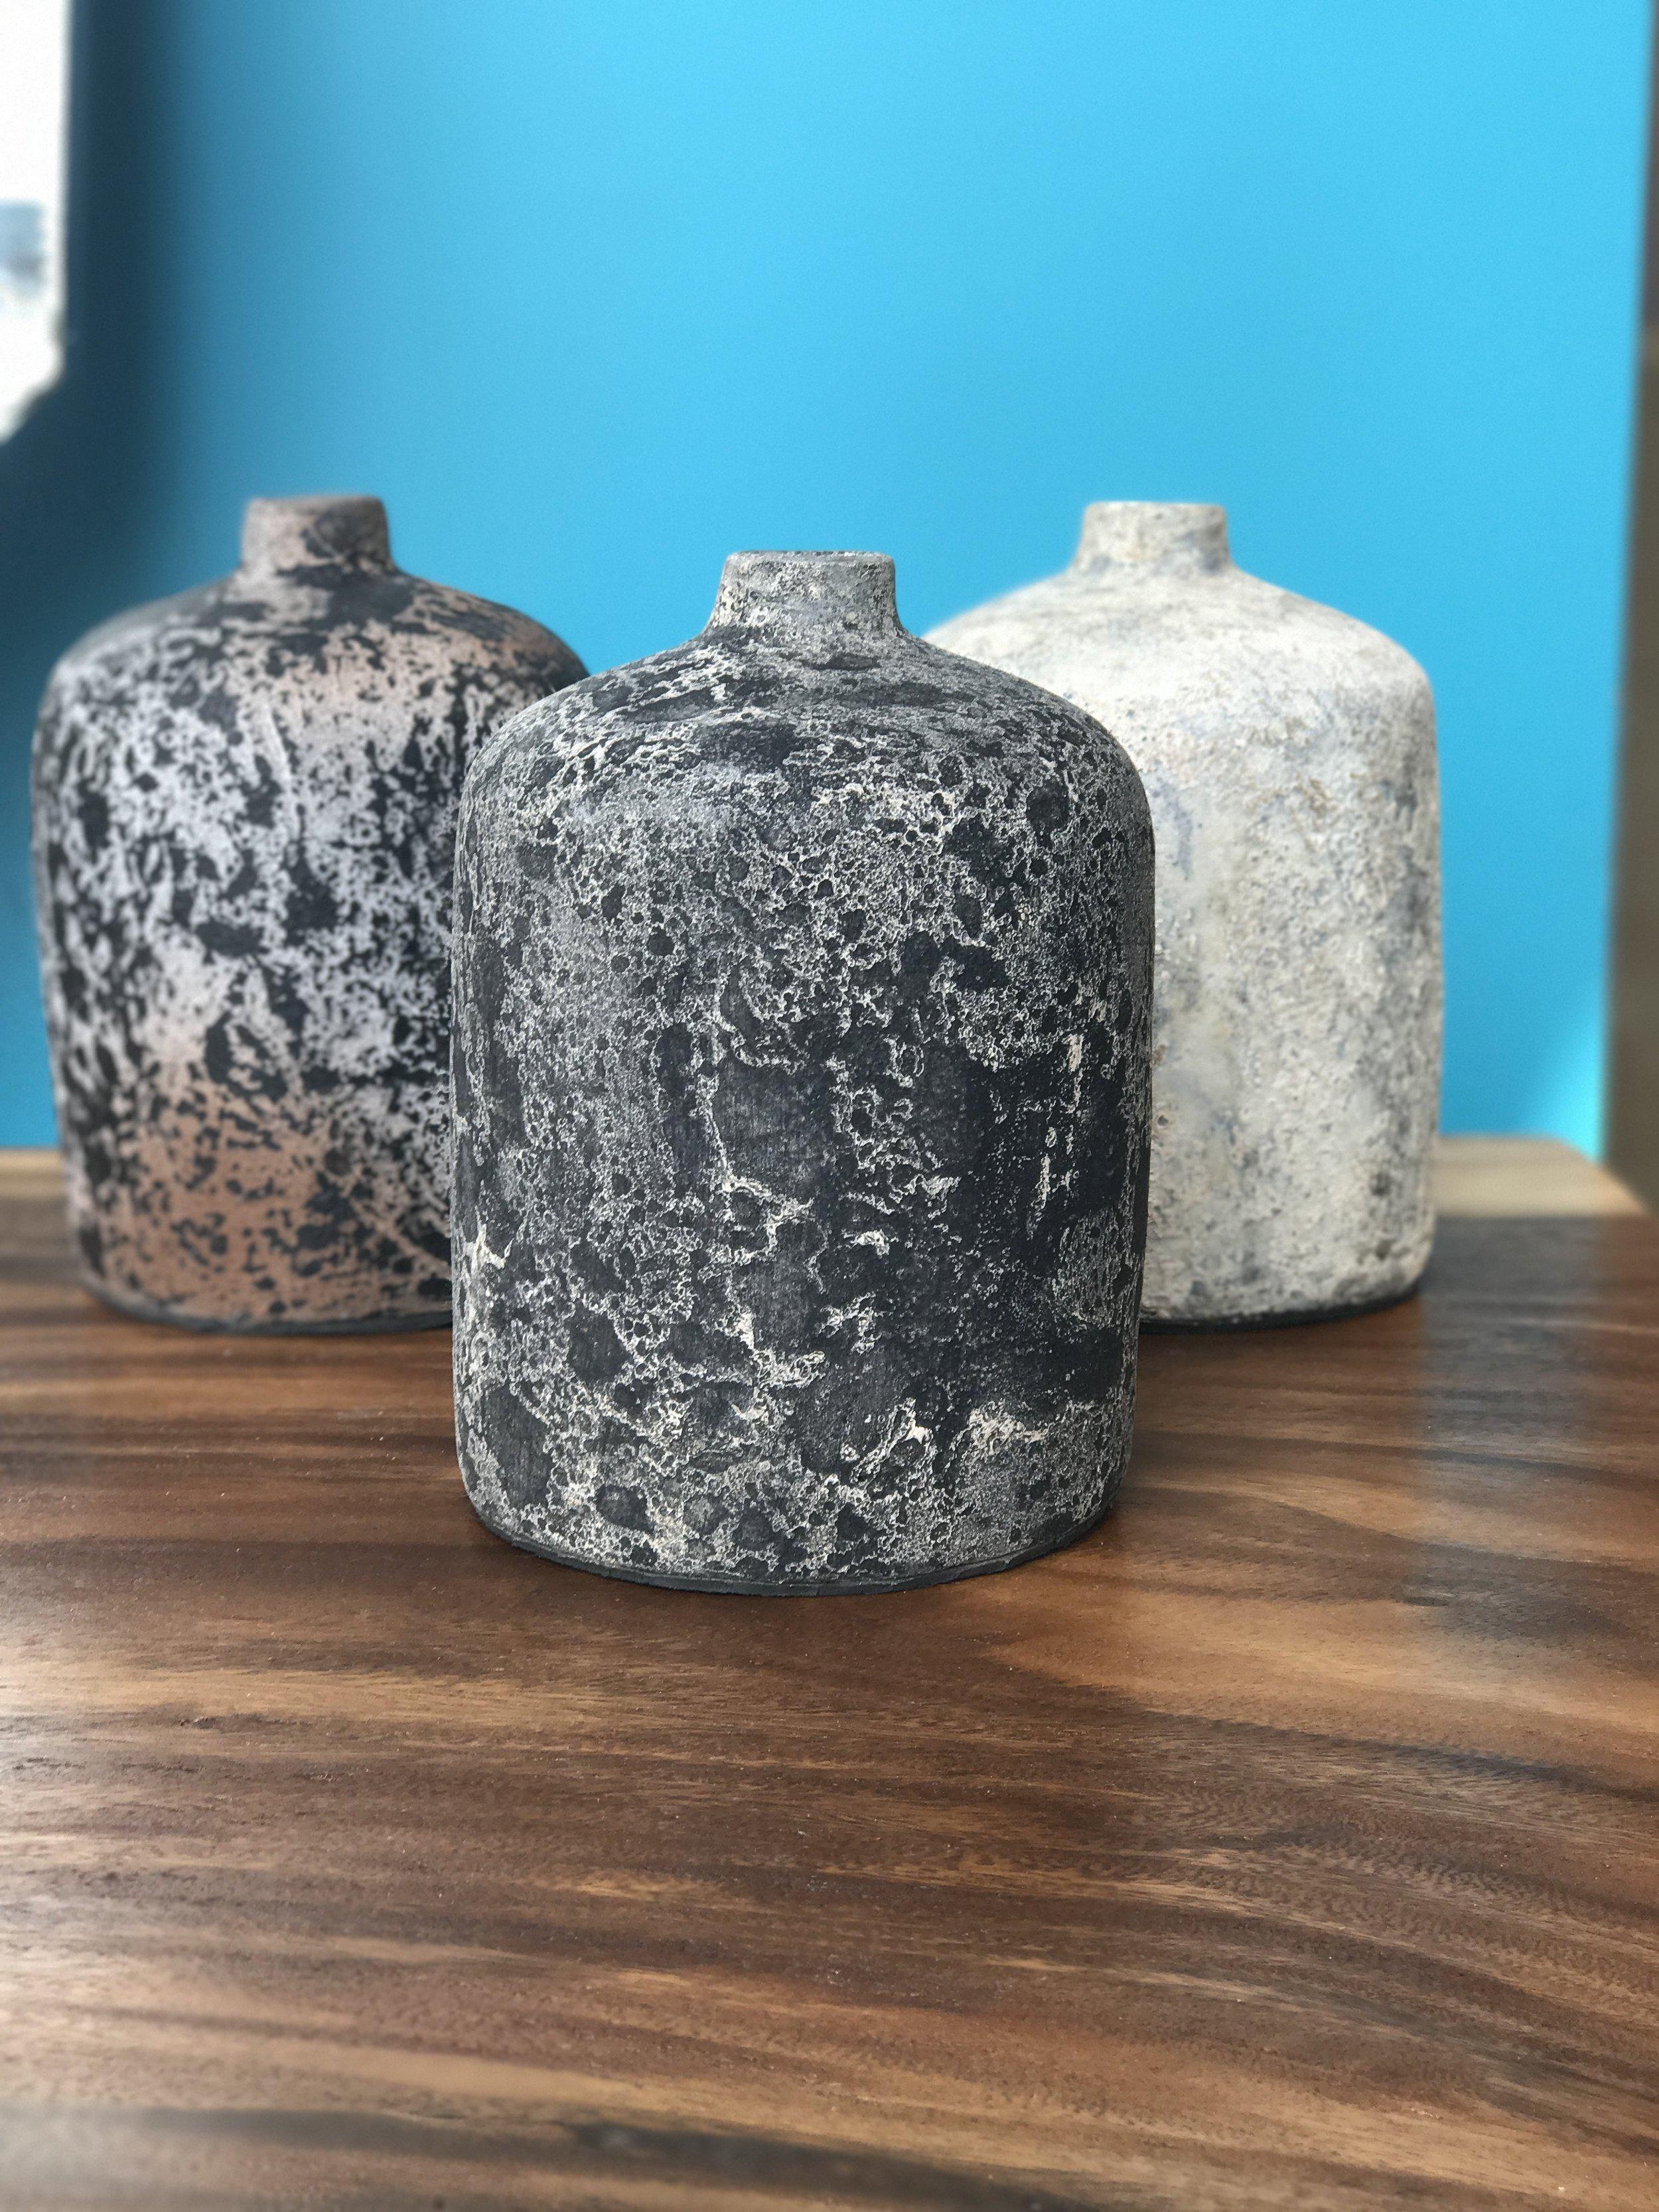 Copy of artifact bottles.